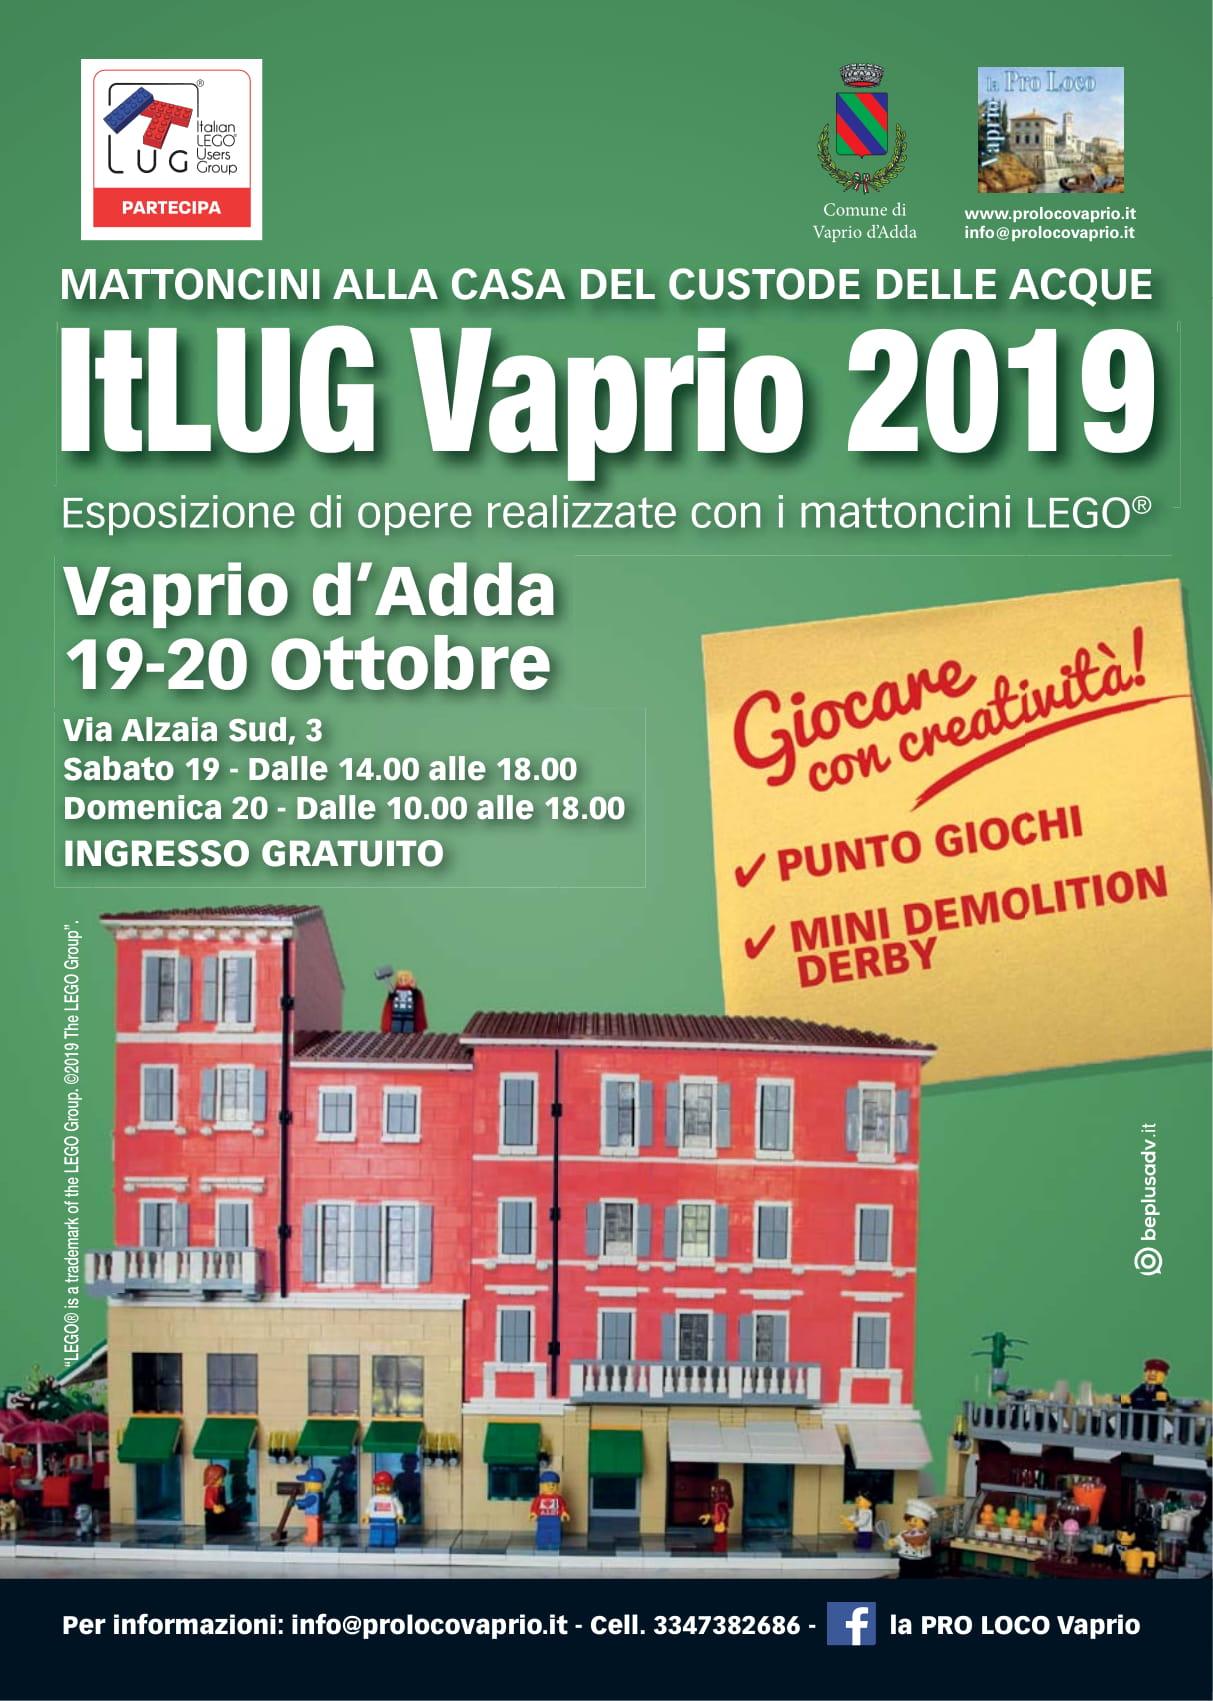 ItLUG Vaprio 2019